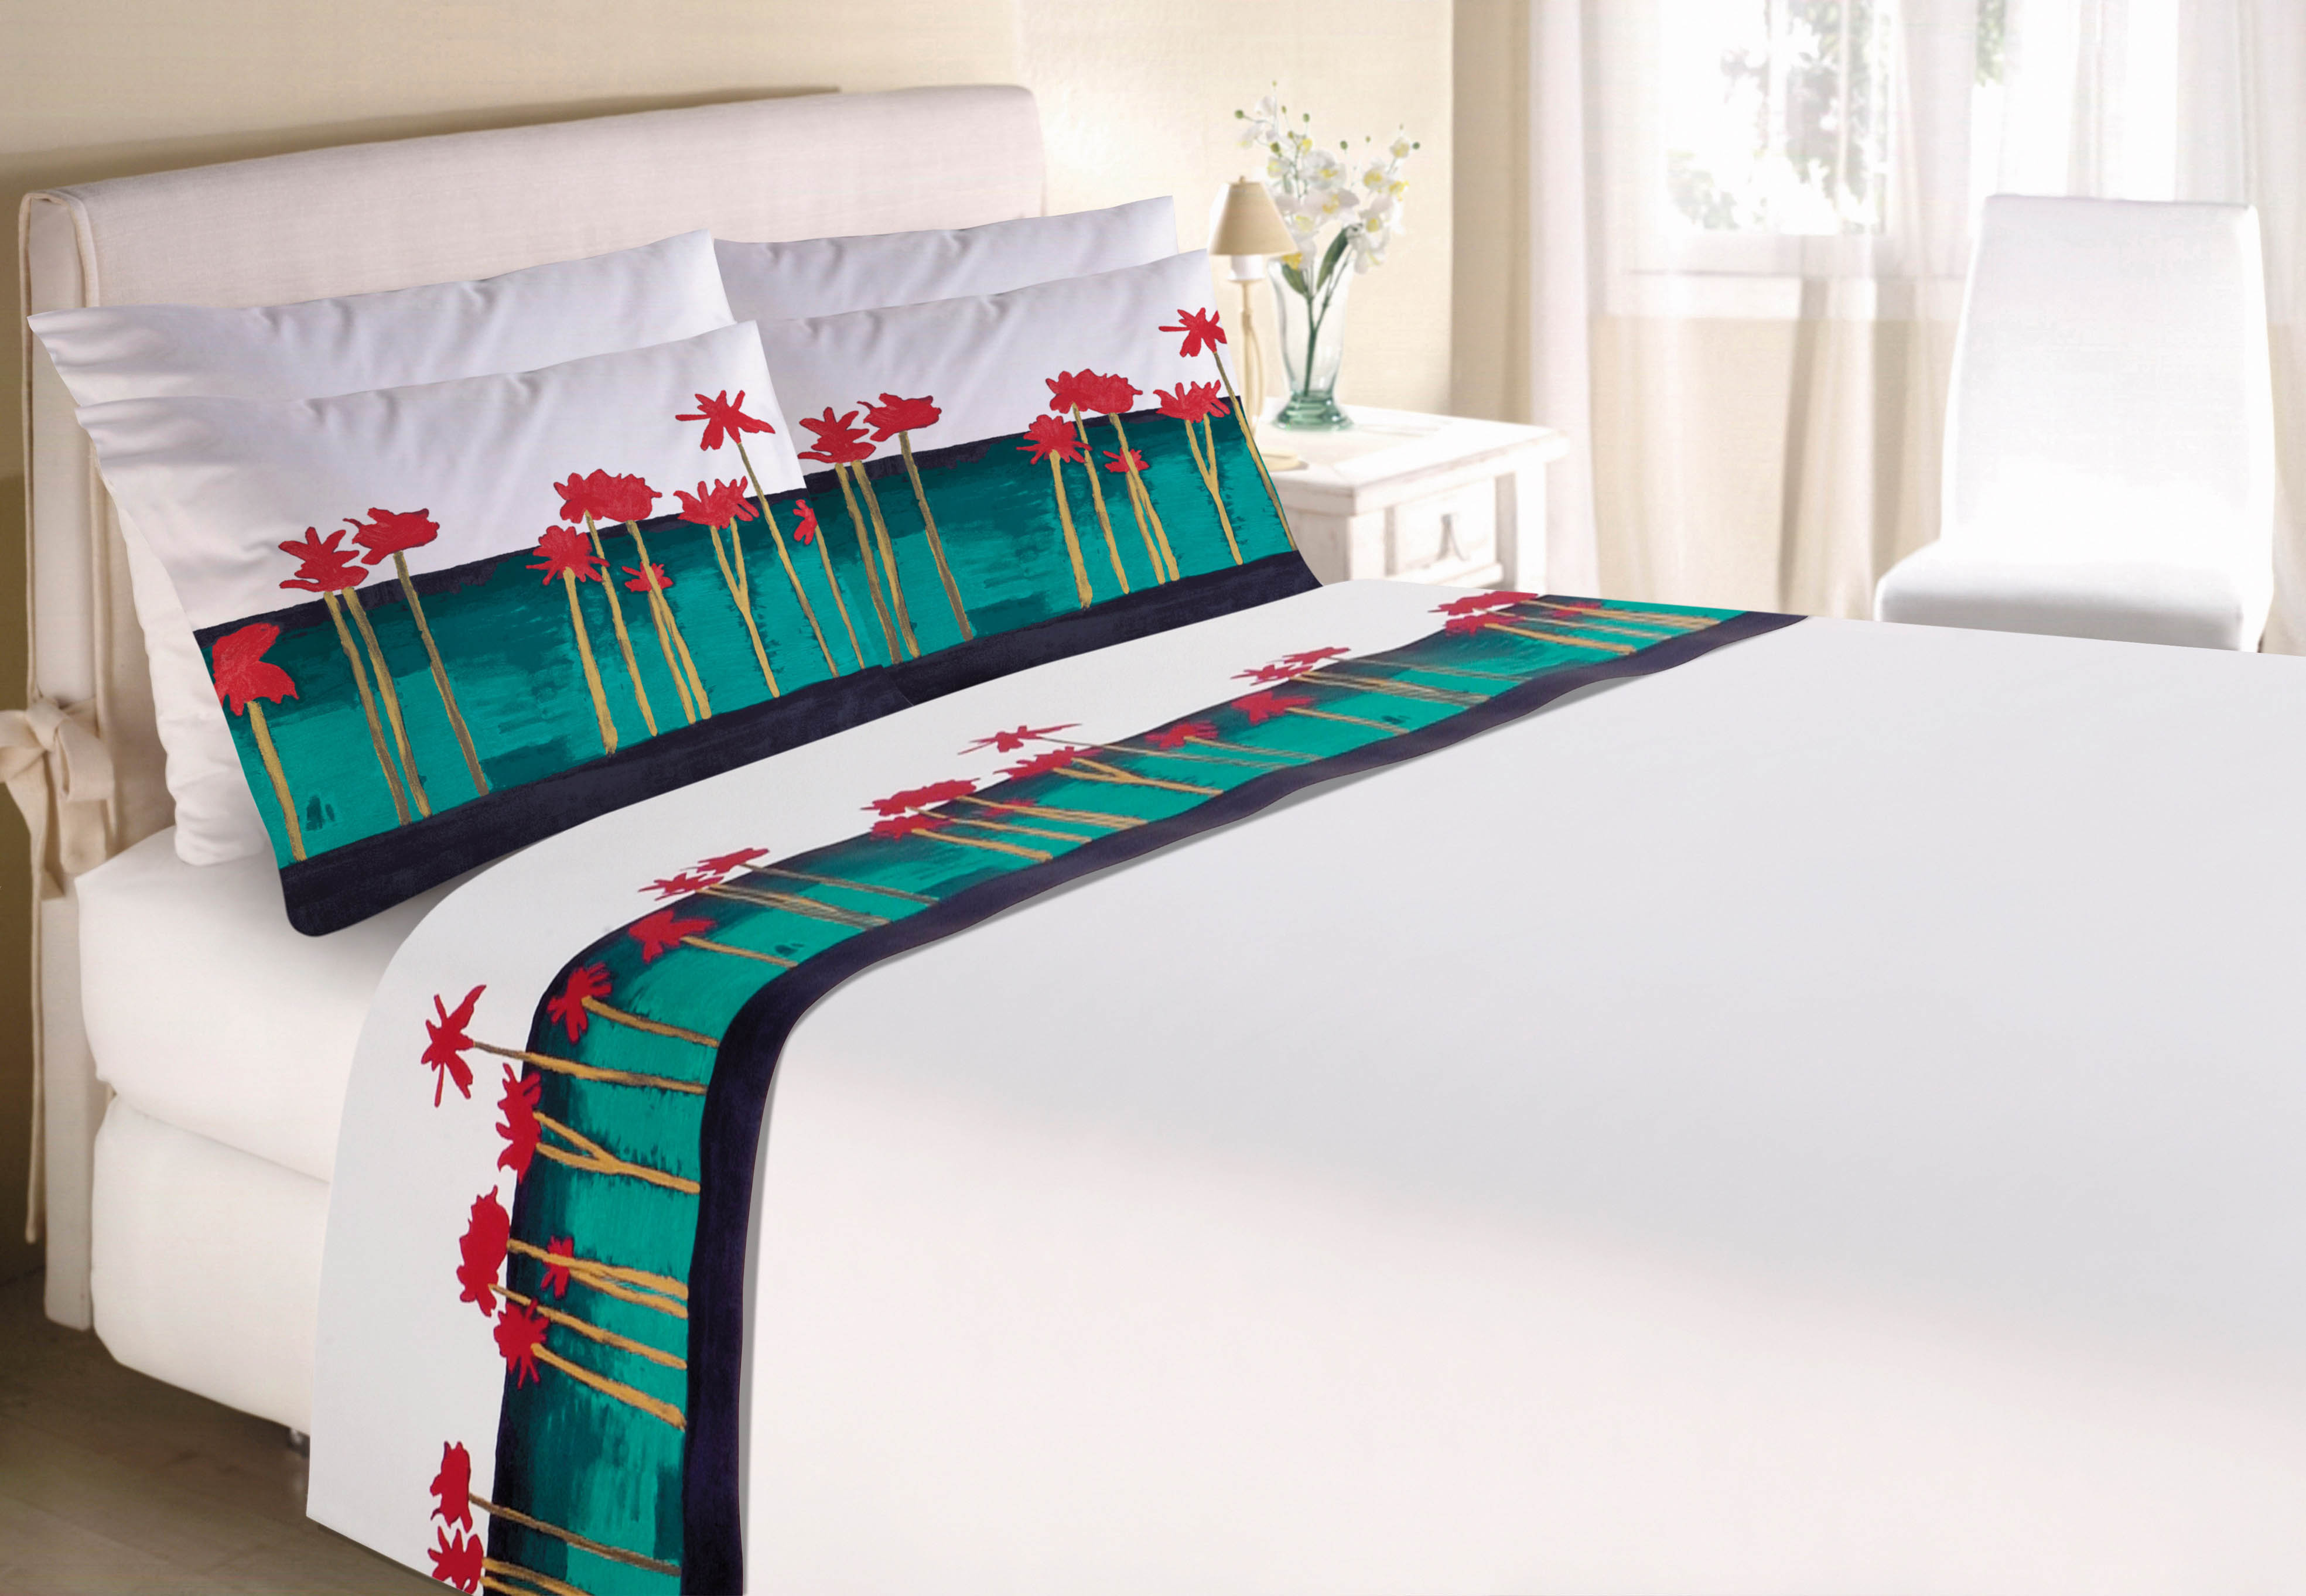 Em destaque cama de casal com jogo de lençóis e fronhas brancos estampados com obra de arte com flores vermelhas e fundo verde-água. Ao fundo, quarto mobiliado em branco.